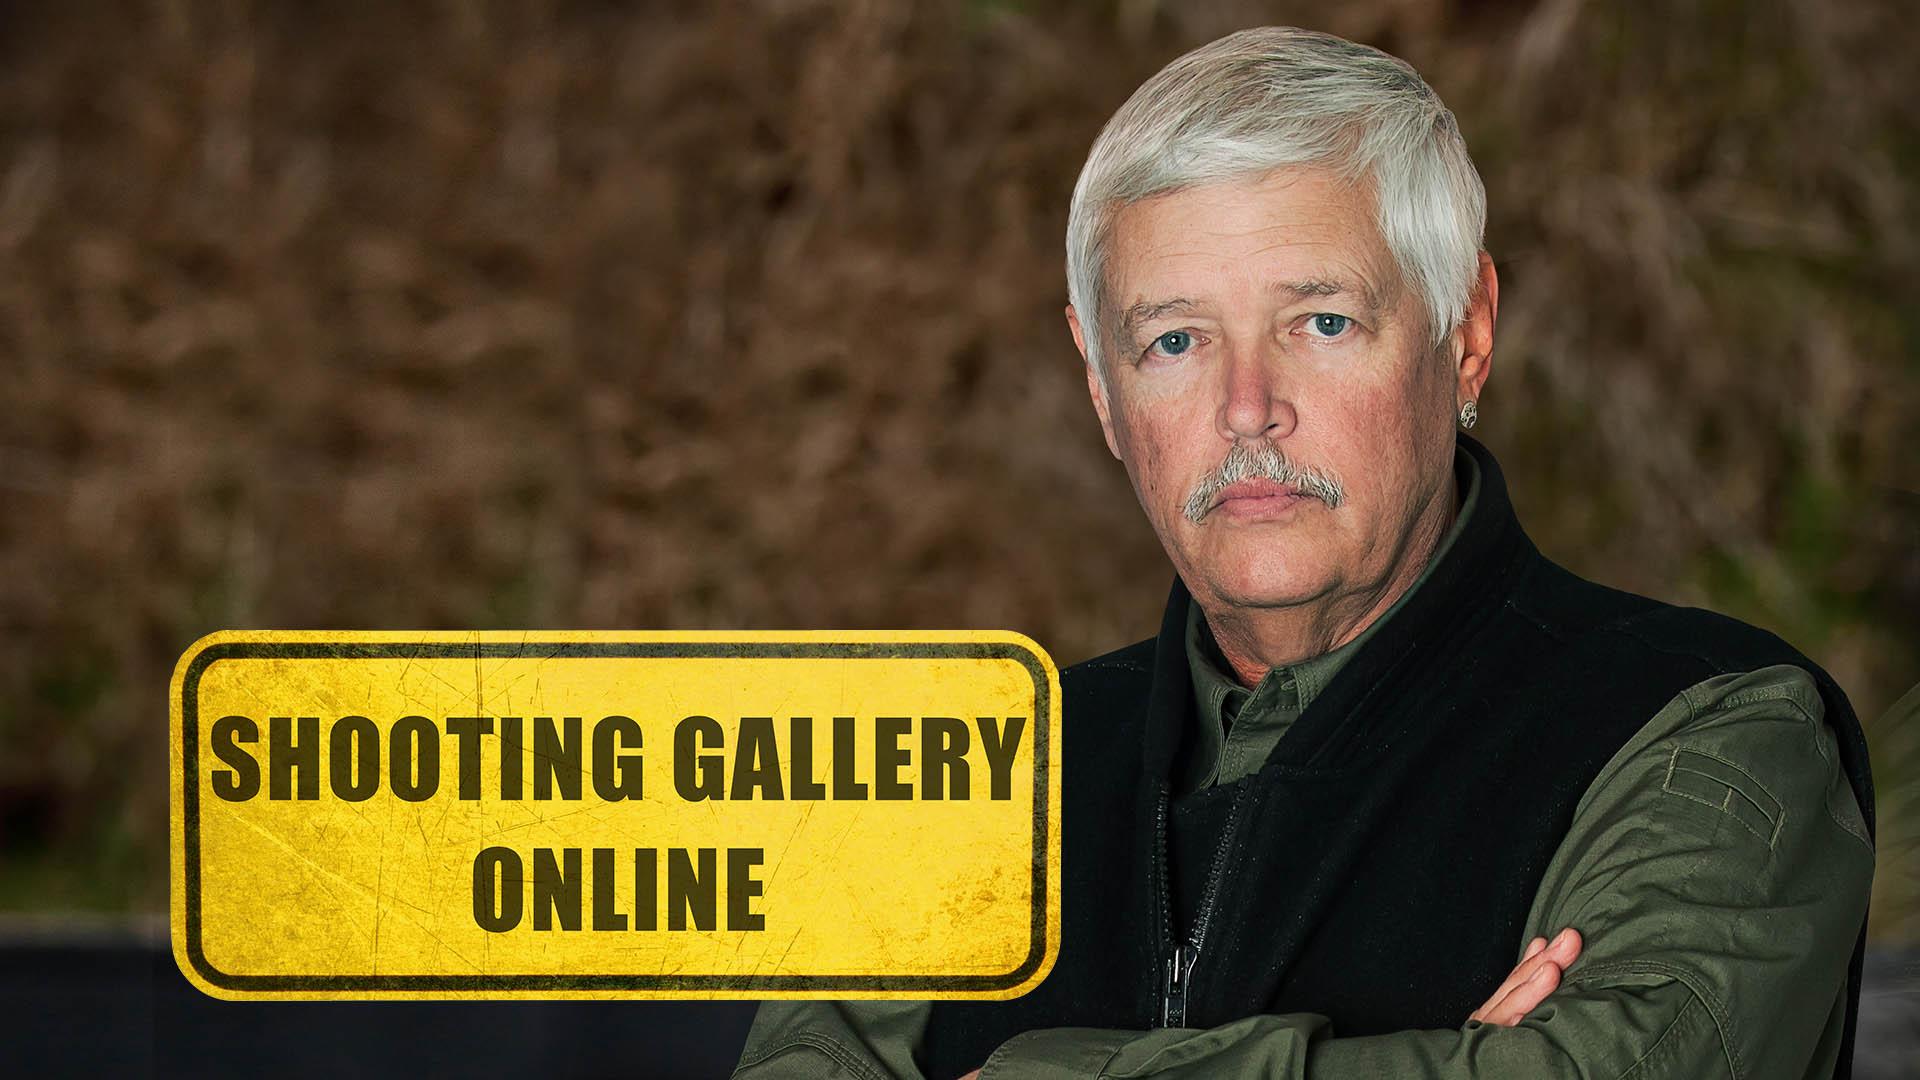 Shooting Gallery Online